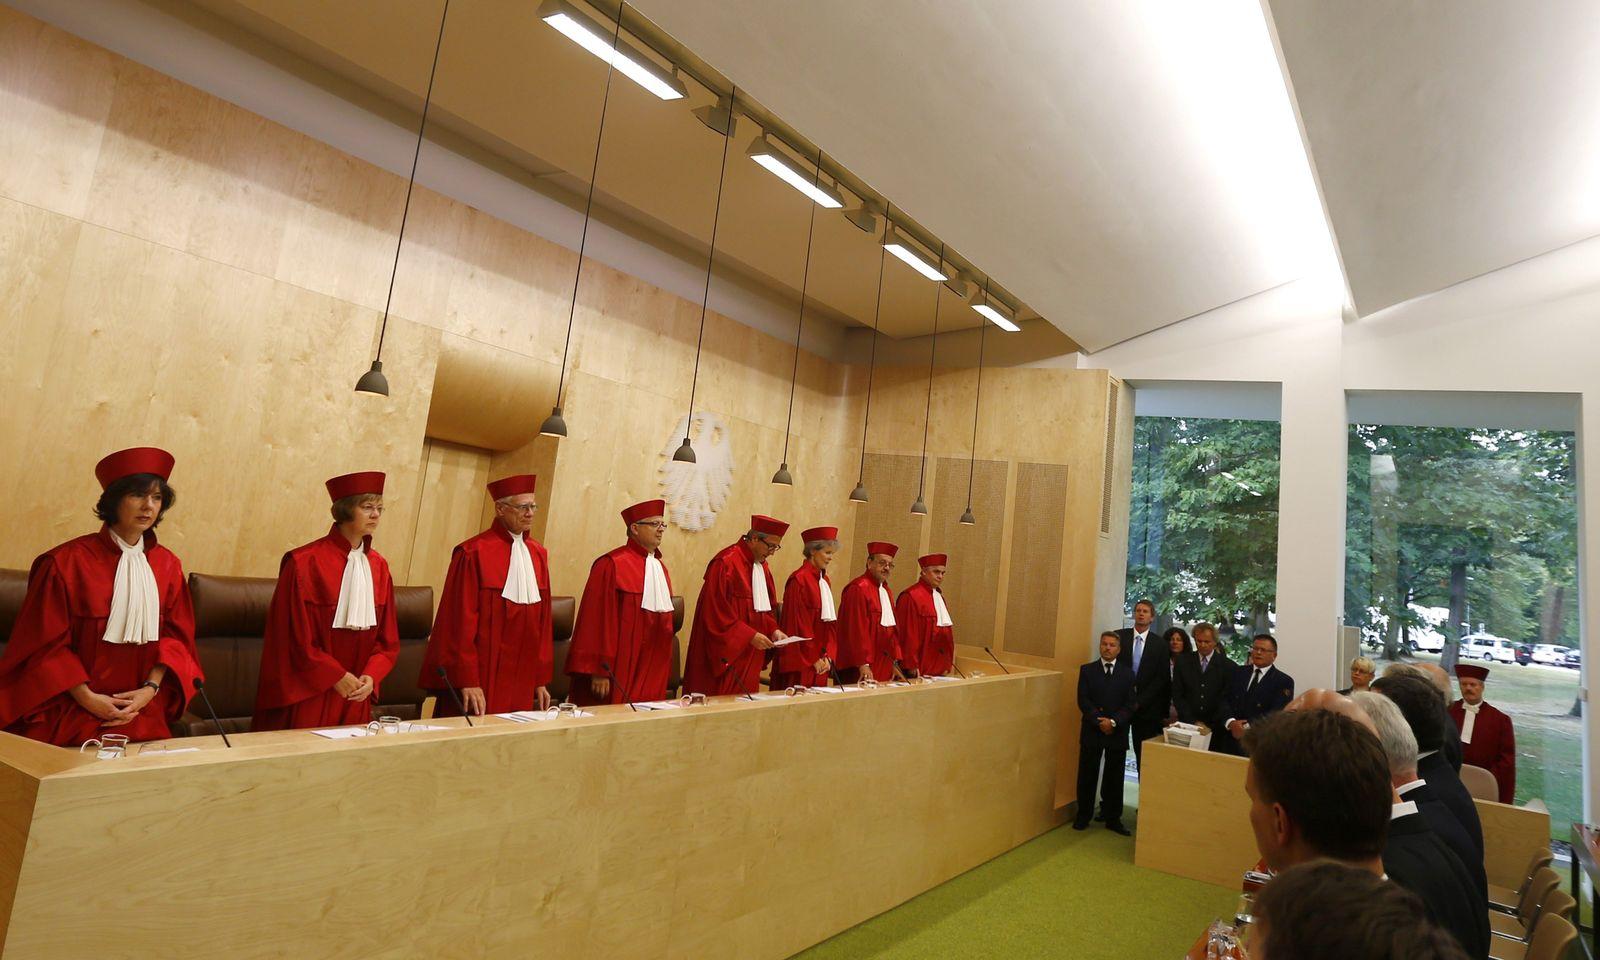 BVG / Karlsruhe / Bundesverfassungsgericht / Urteil zum ESM